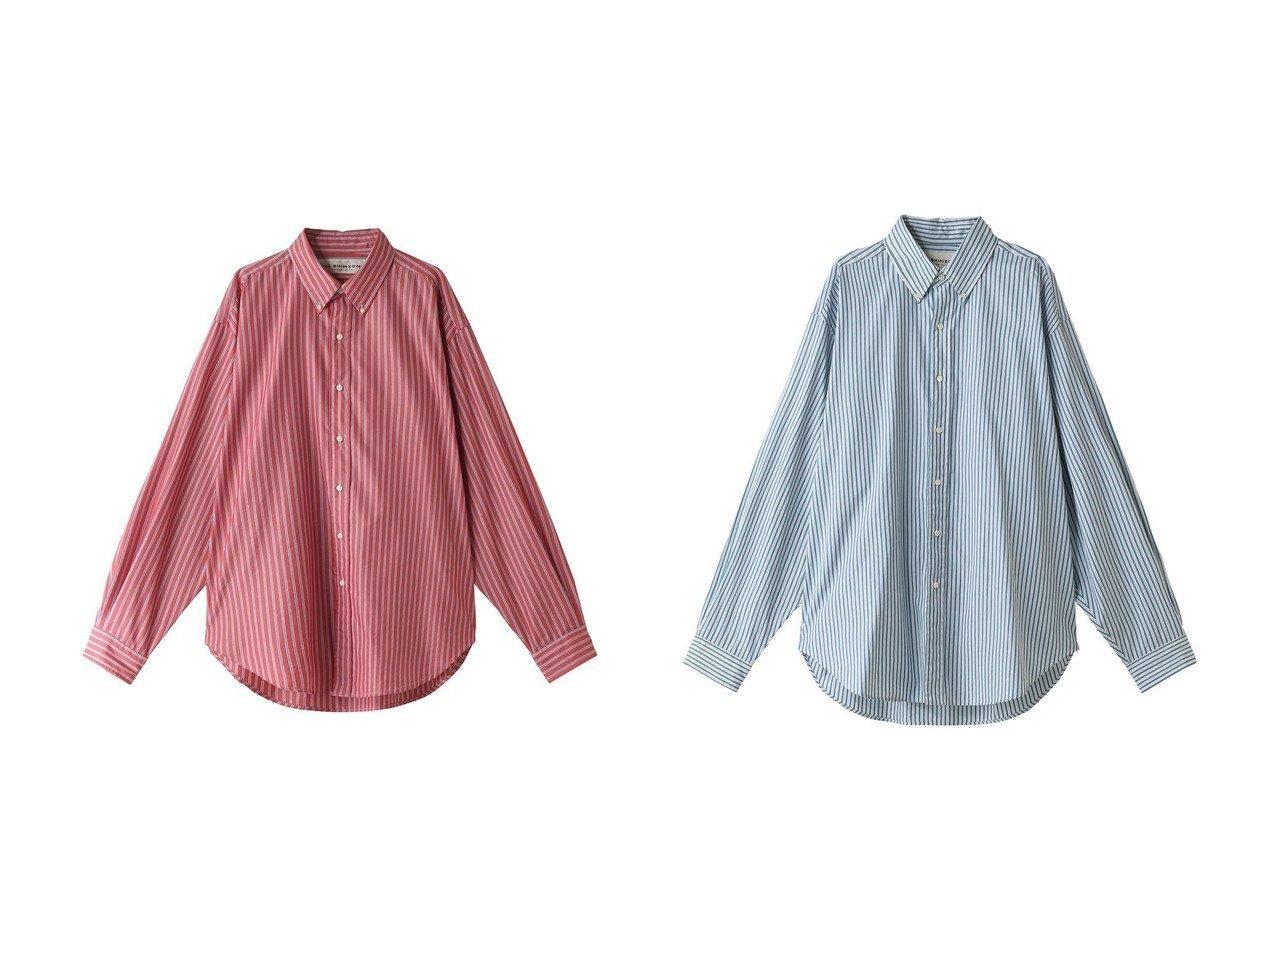 【Shinzone/シンゾーン】のDADDY ストライプコットンシャツ&DADDY ストライプシャツ トップス・カットソーのおすすめ!人気、トレンド・レディースファッションの通販 おすすめで人気の流行・トレンド、ファッションの通販商品 メンズファッション・キッズファッション・インテリア・家具・レディースファッション・服の通販 founy(ファニー) https://founy.com/ ファッション Fashion レディースファッション WOMEN トップス Tops Tshirt シャツ/ブラウス Shirts Blouses 2021年 2021 2021 春夏 S/S SS Spring/Summer 2021 S/S 春夏 SS Spring/Summer ストライプ スリーブ ロング 春 Spring  ID:crp329100000013497